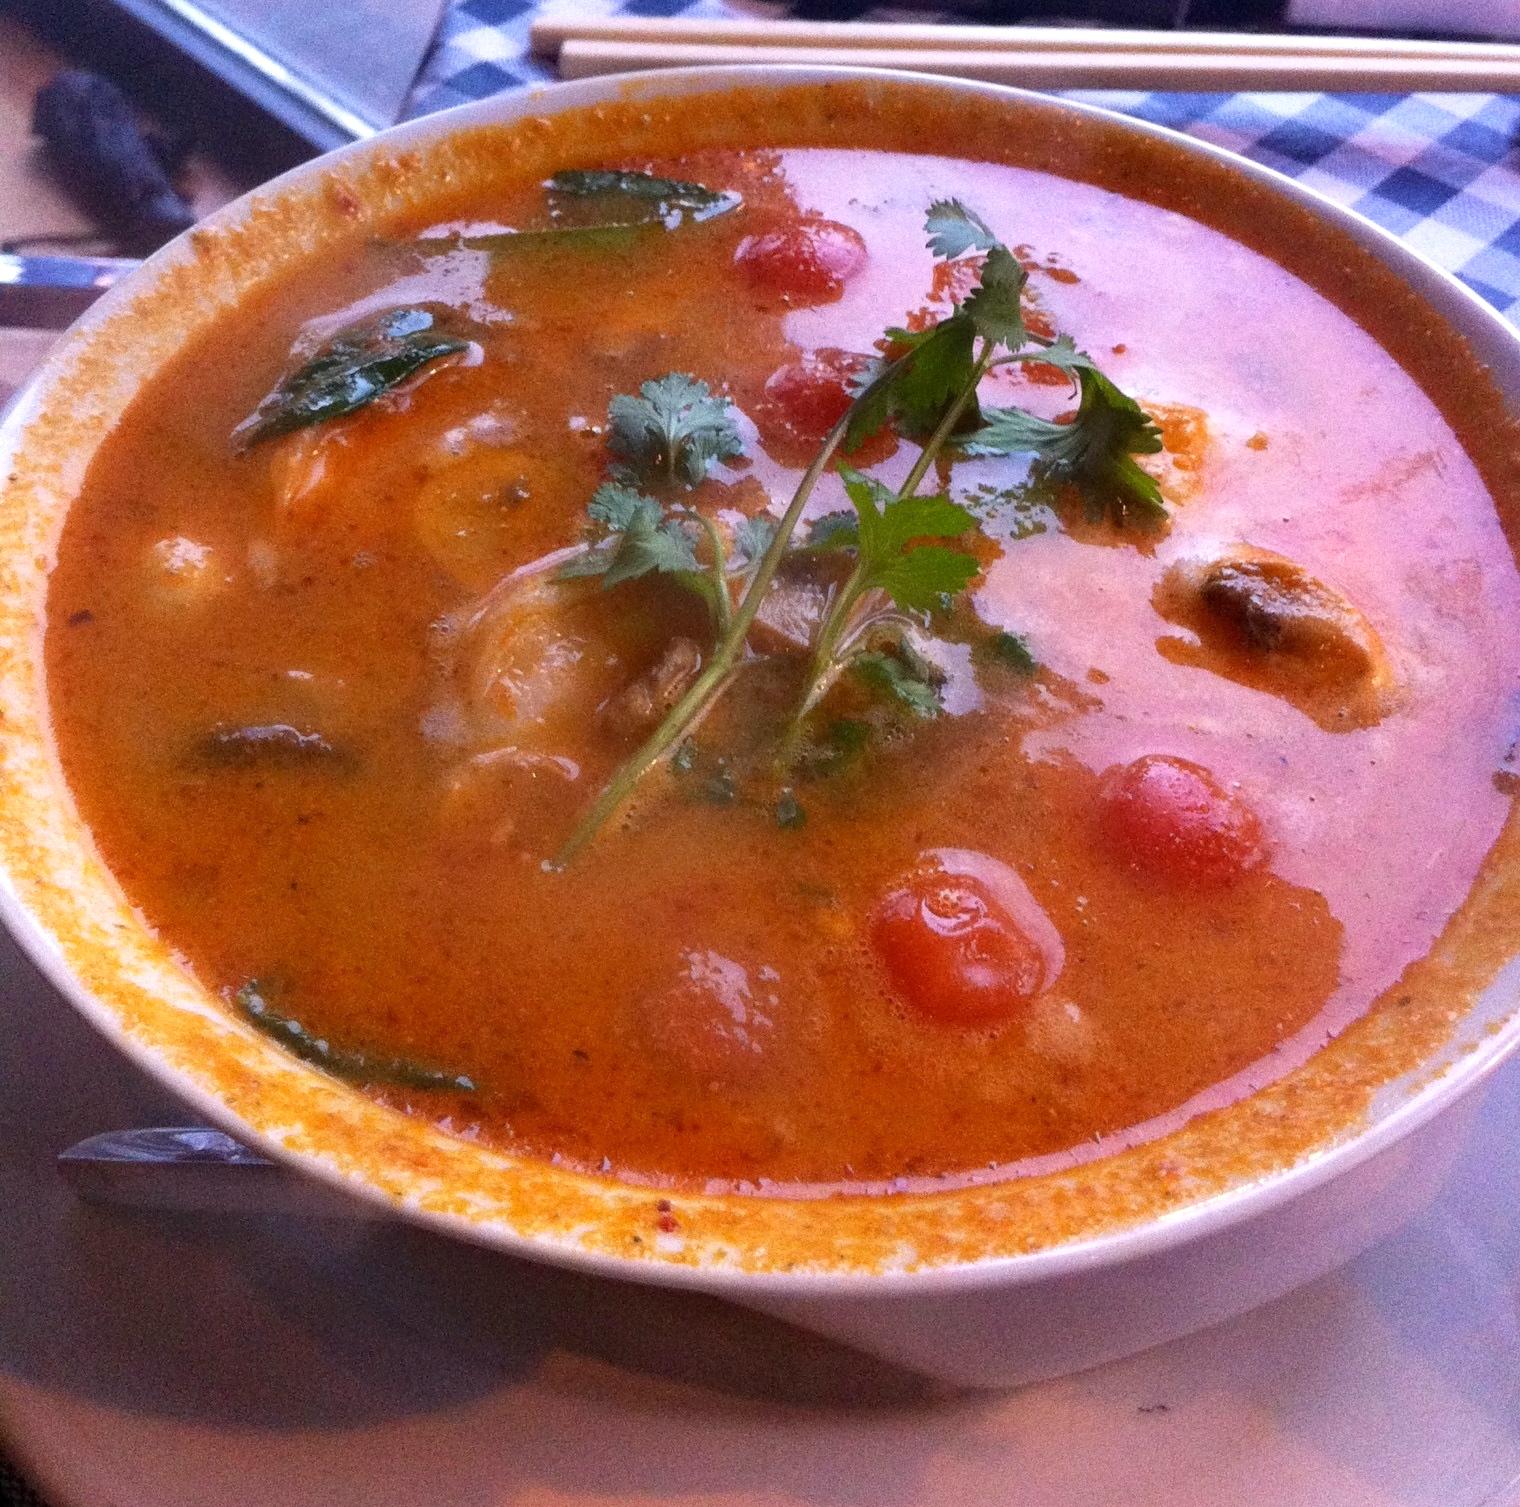 Asian Food Near Wicker Park